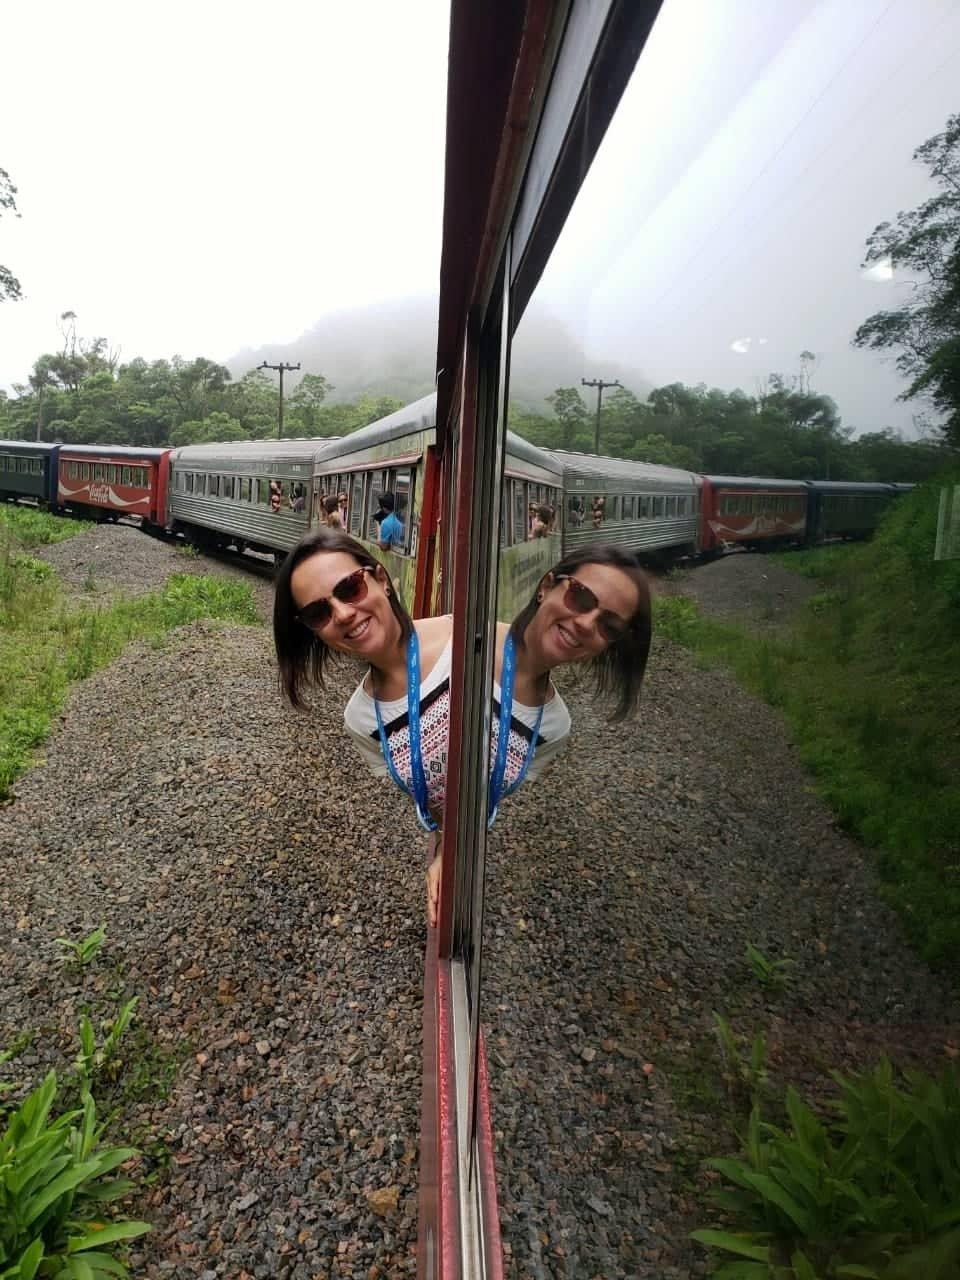 Passeio de trem até Morretes | O que fazer em Curitiba no final de Semana